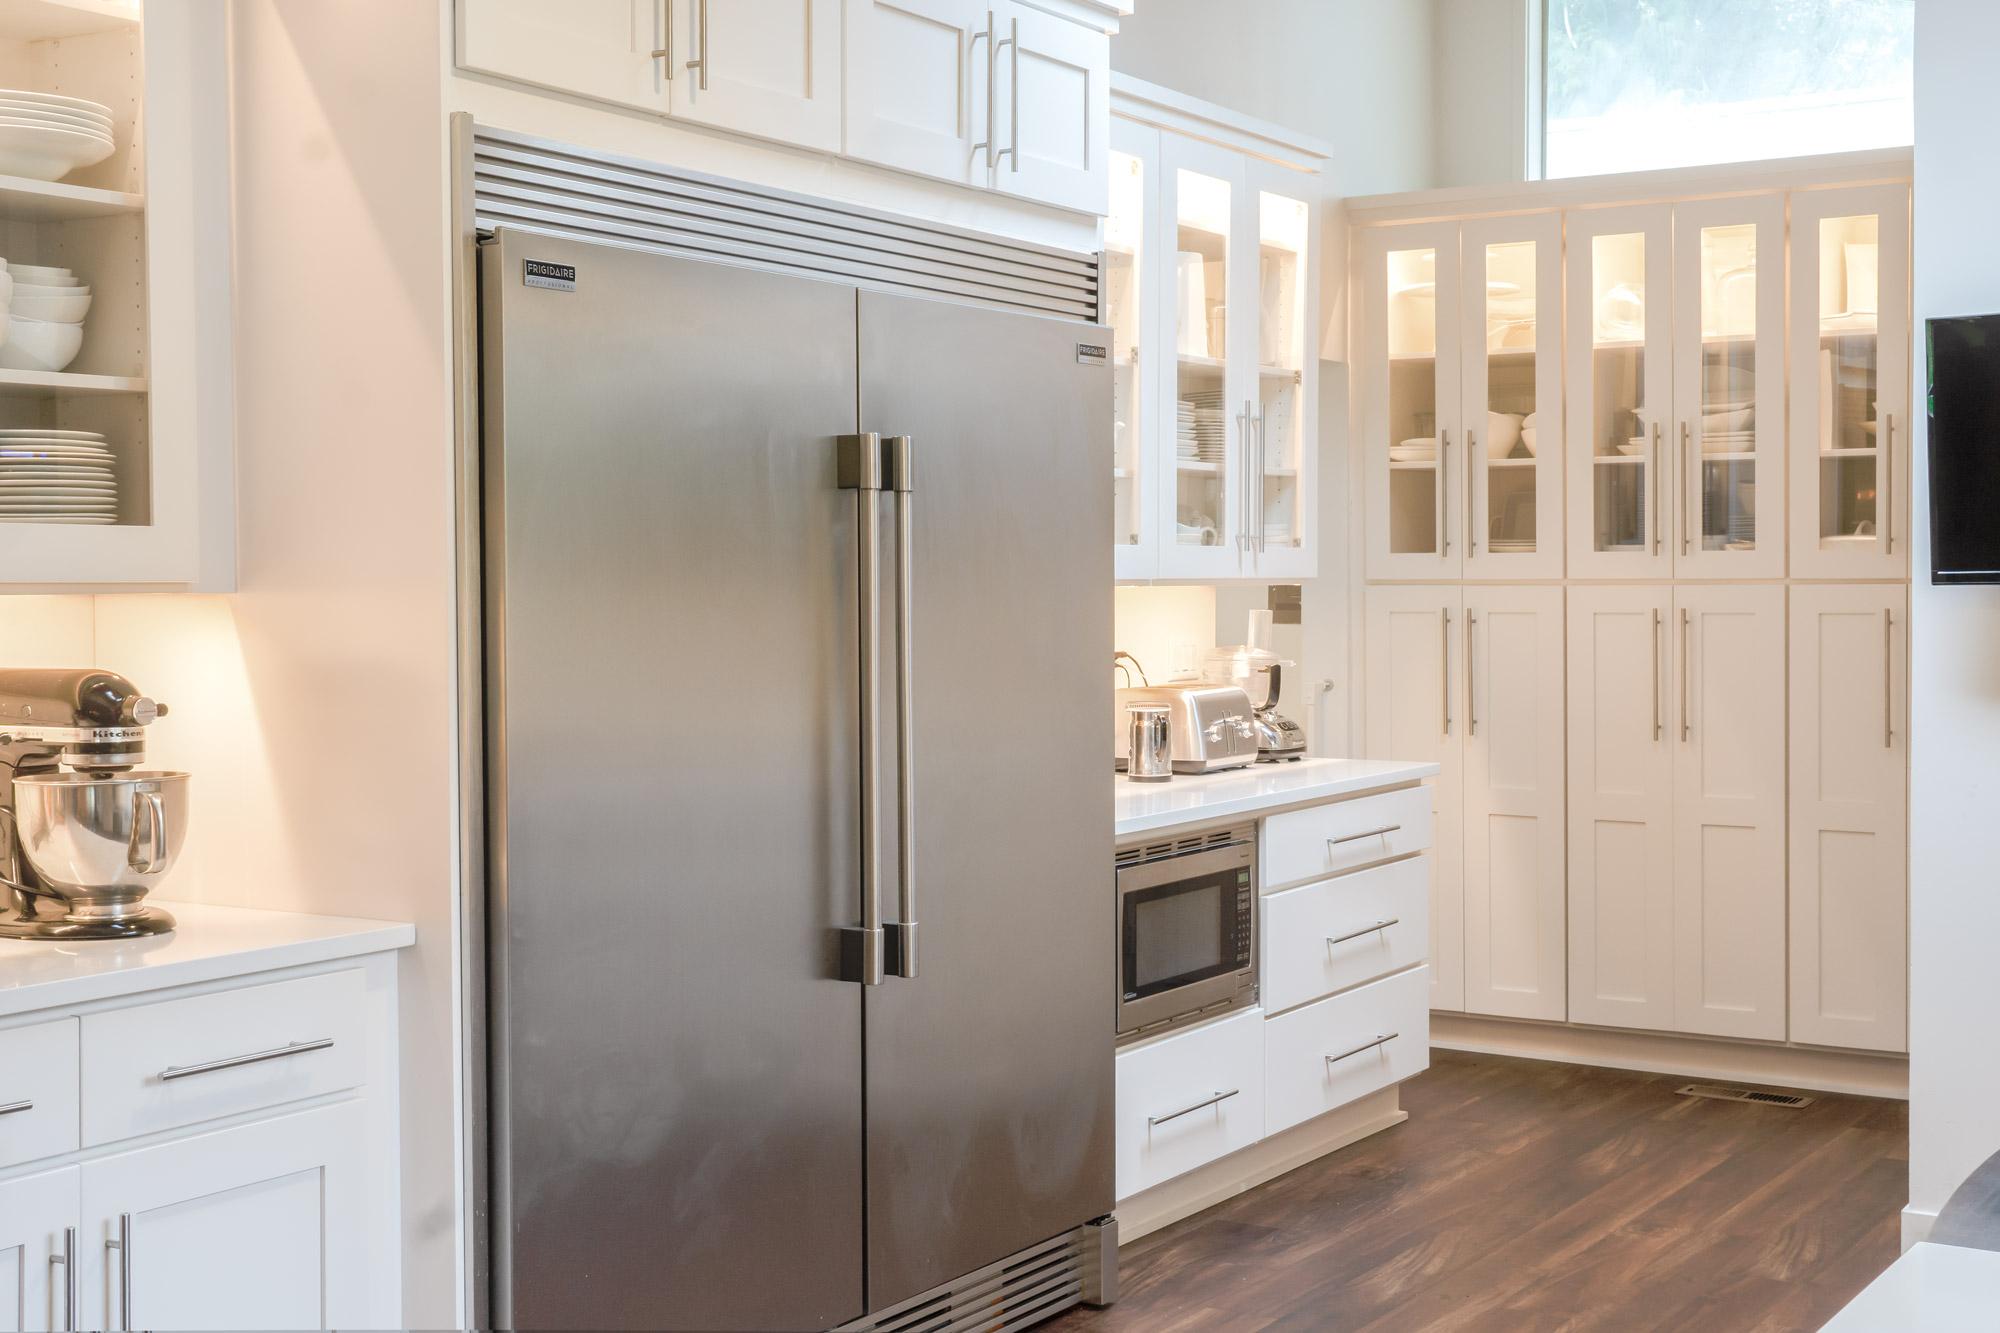 Phare-kitchen-fridge-overview-web.jpg